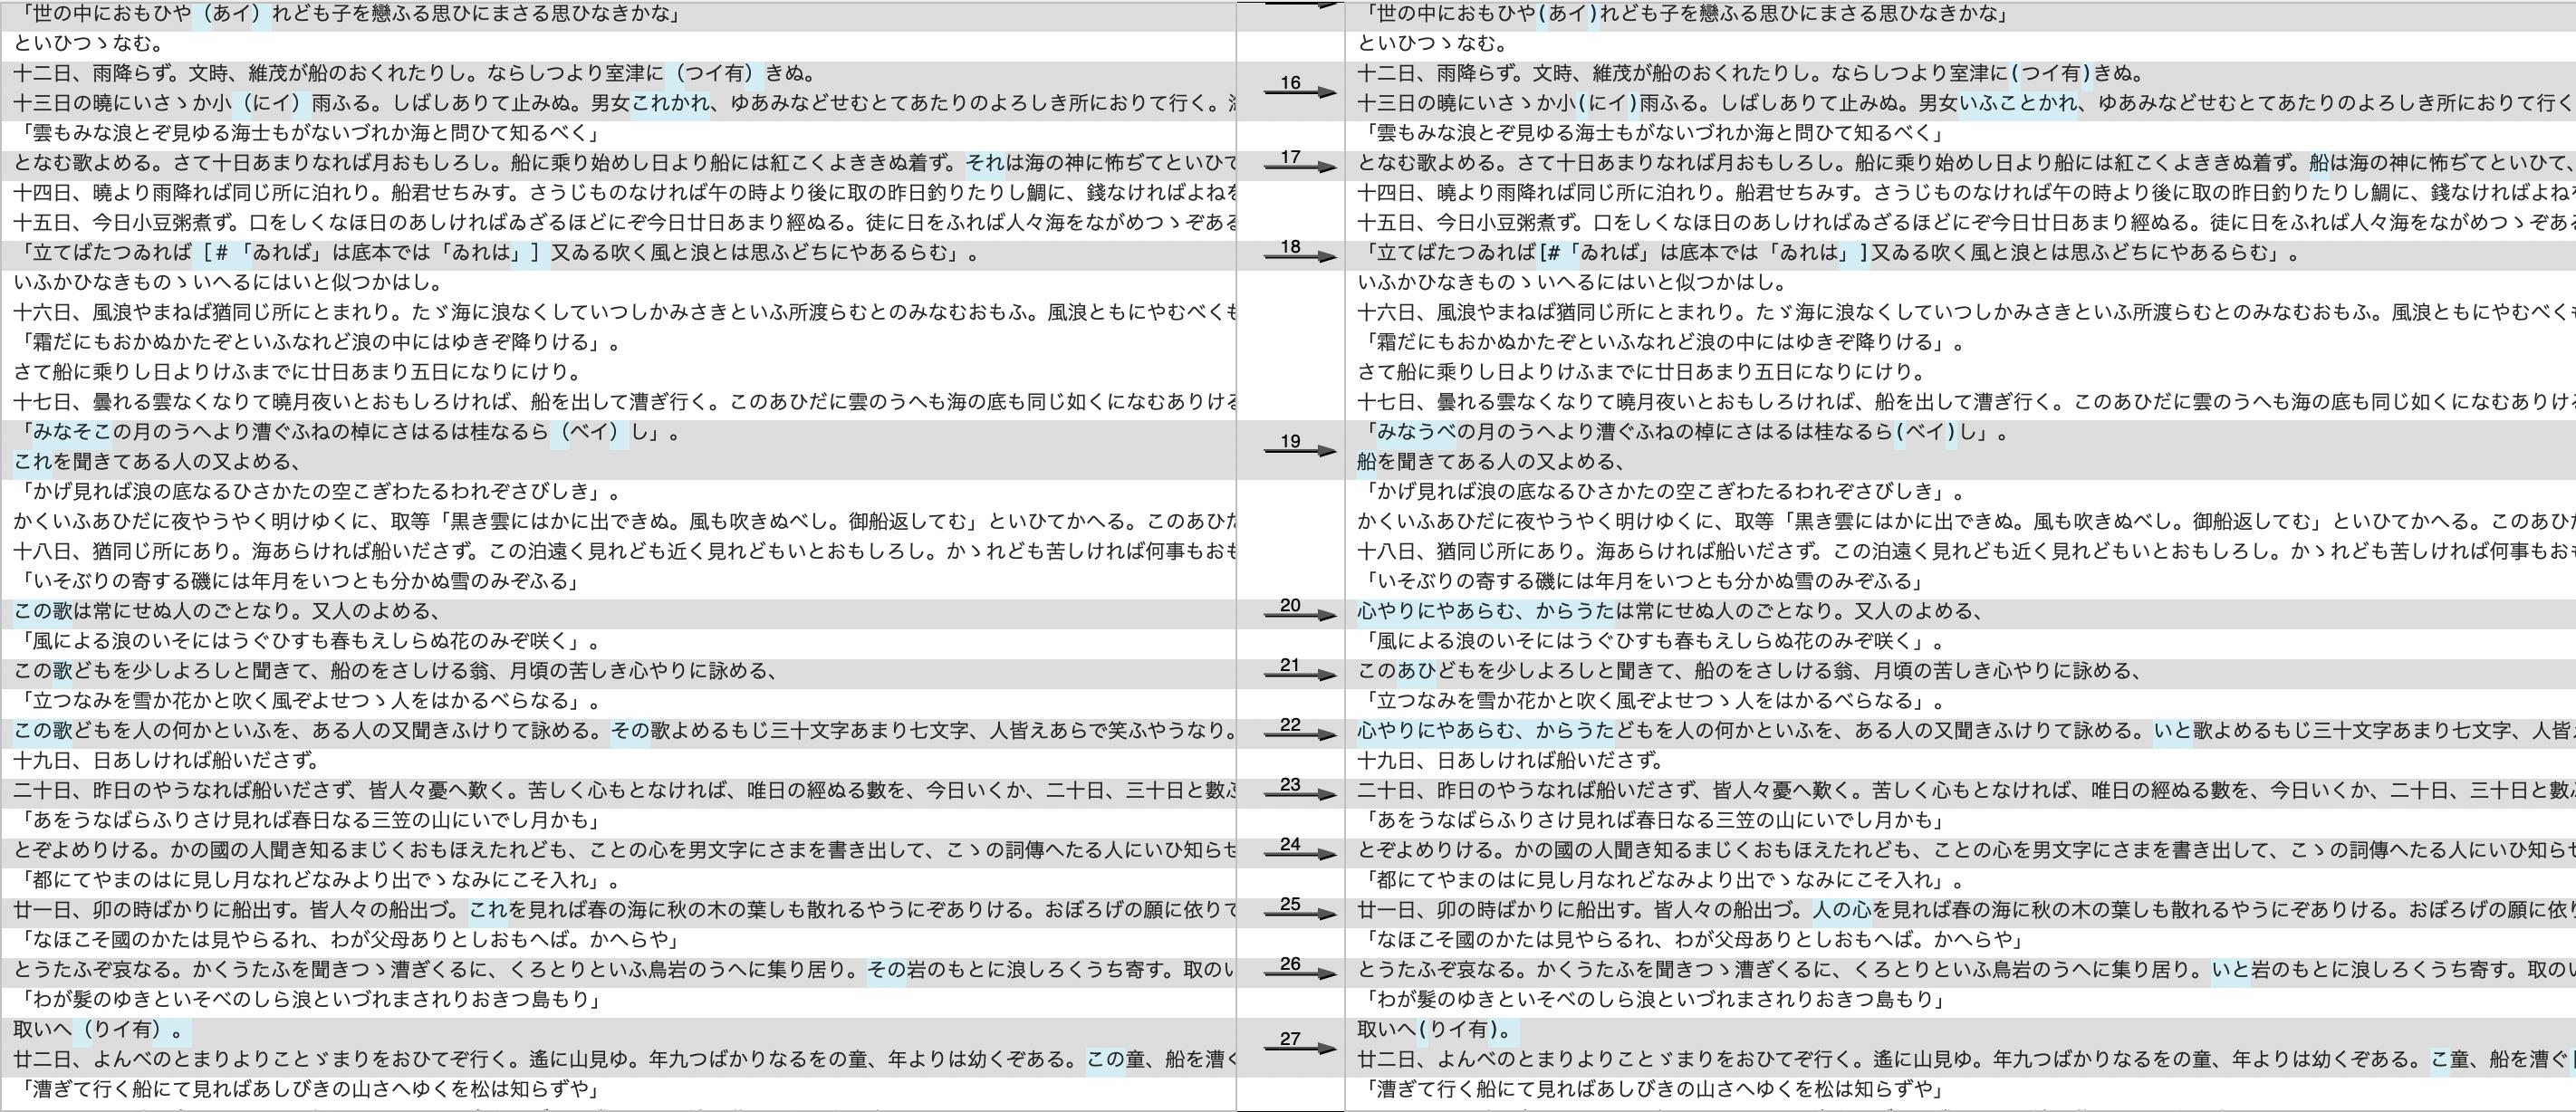 スクリーンショット 2020-03-04 2.03.34.png